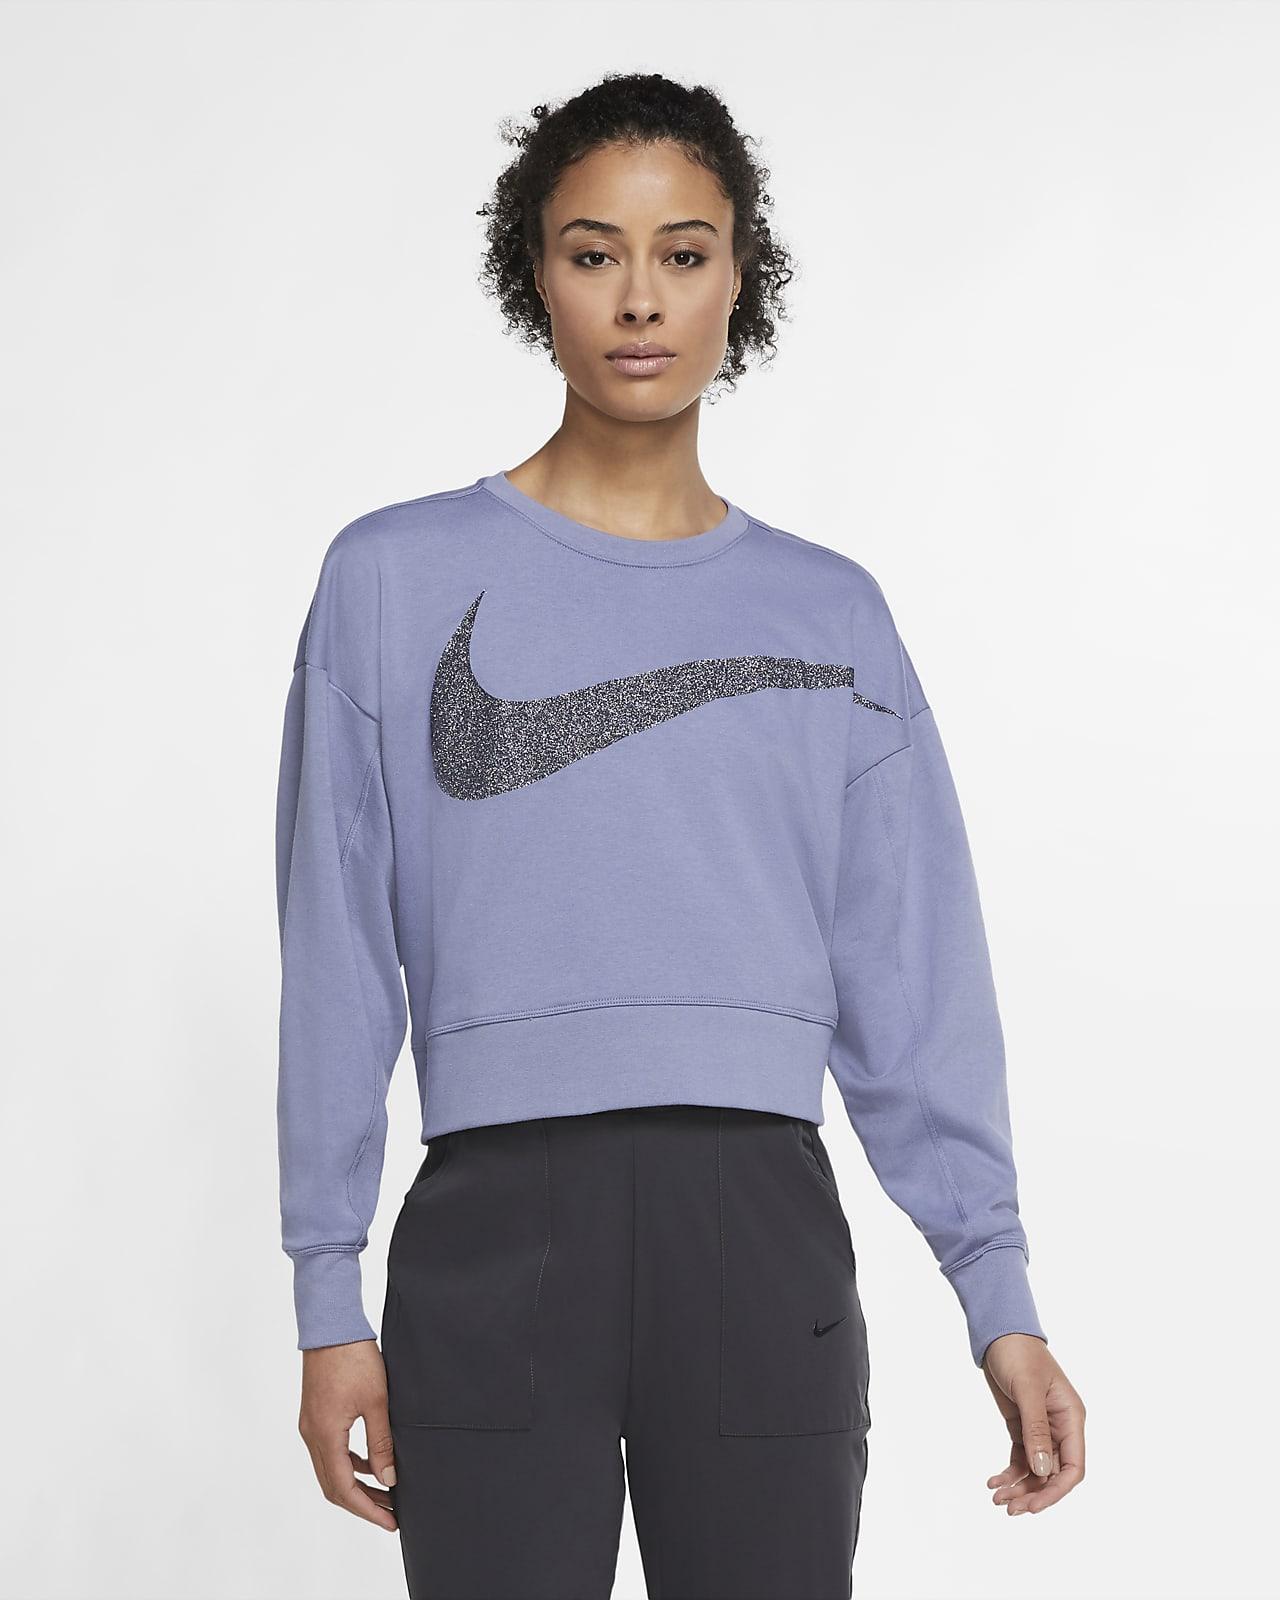 Damska dzianinowa błyszcząca koszulka treningowa Nike Dri-FIT Get Fit